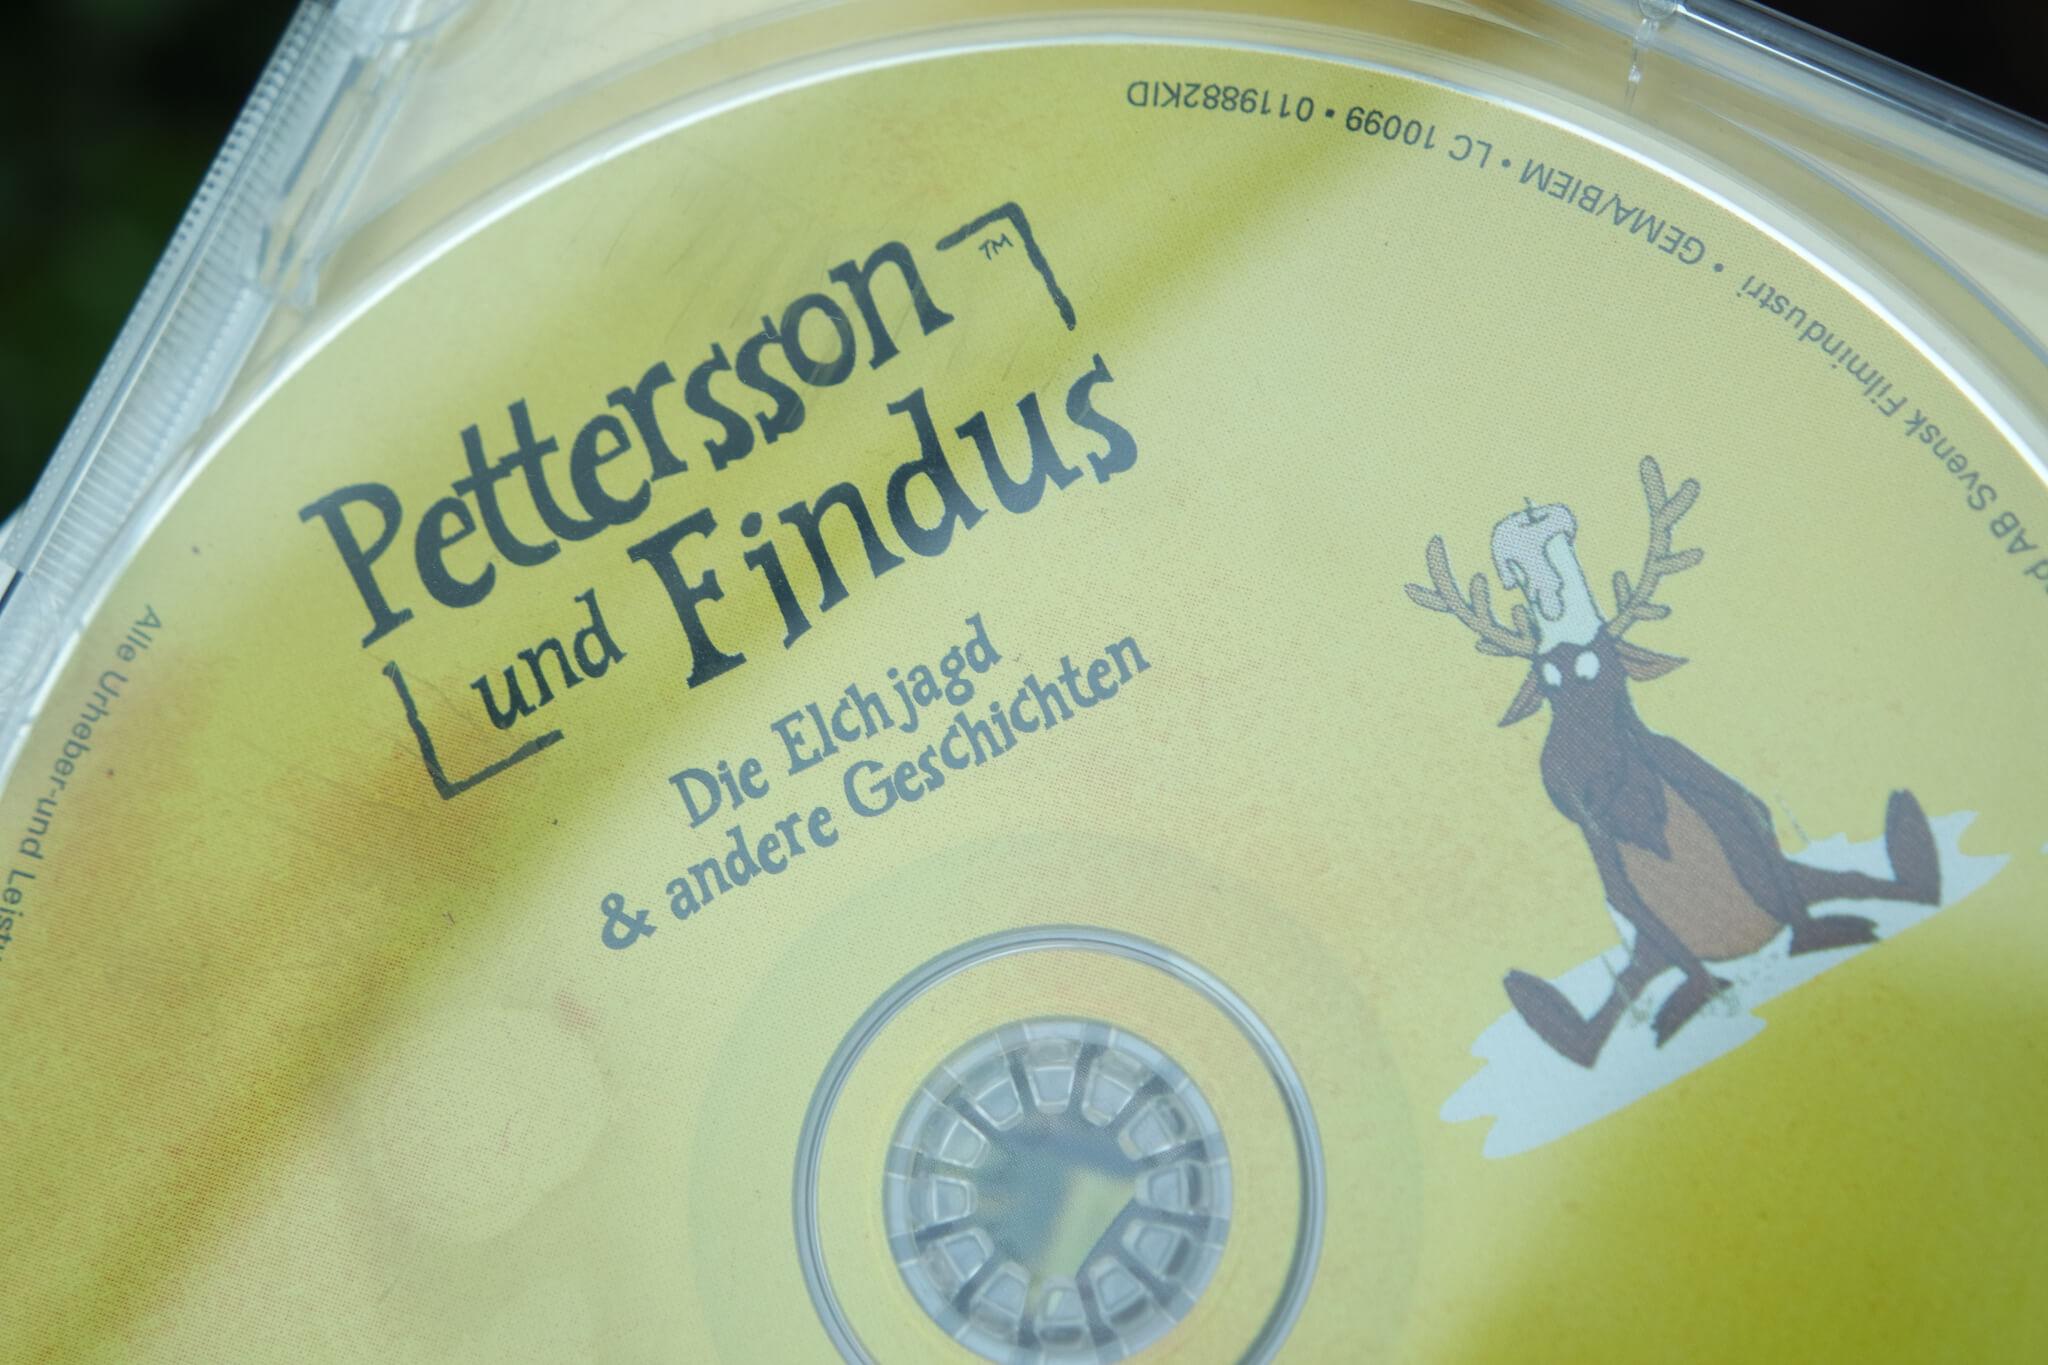 Pettersson und Findus - Die Elchjagd Hörspiel